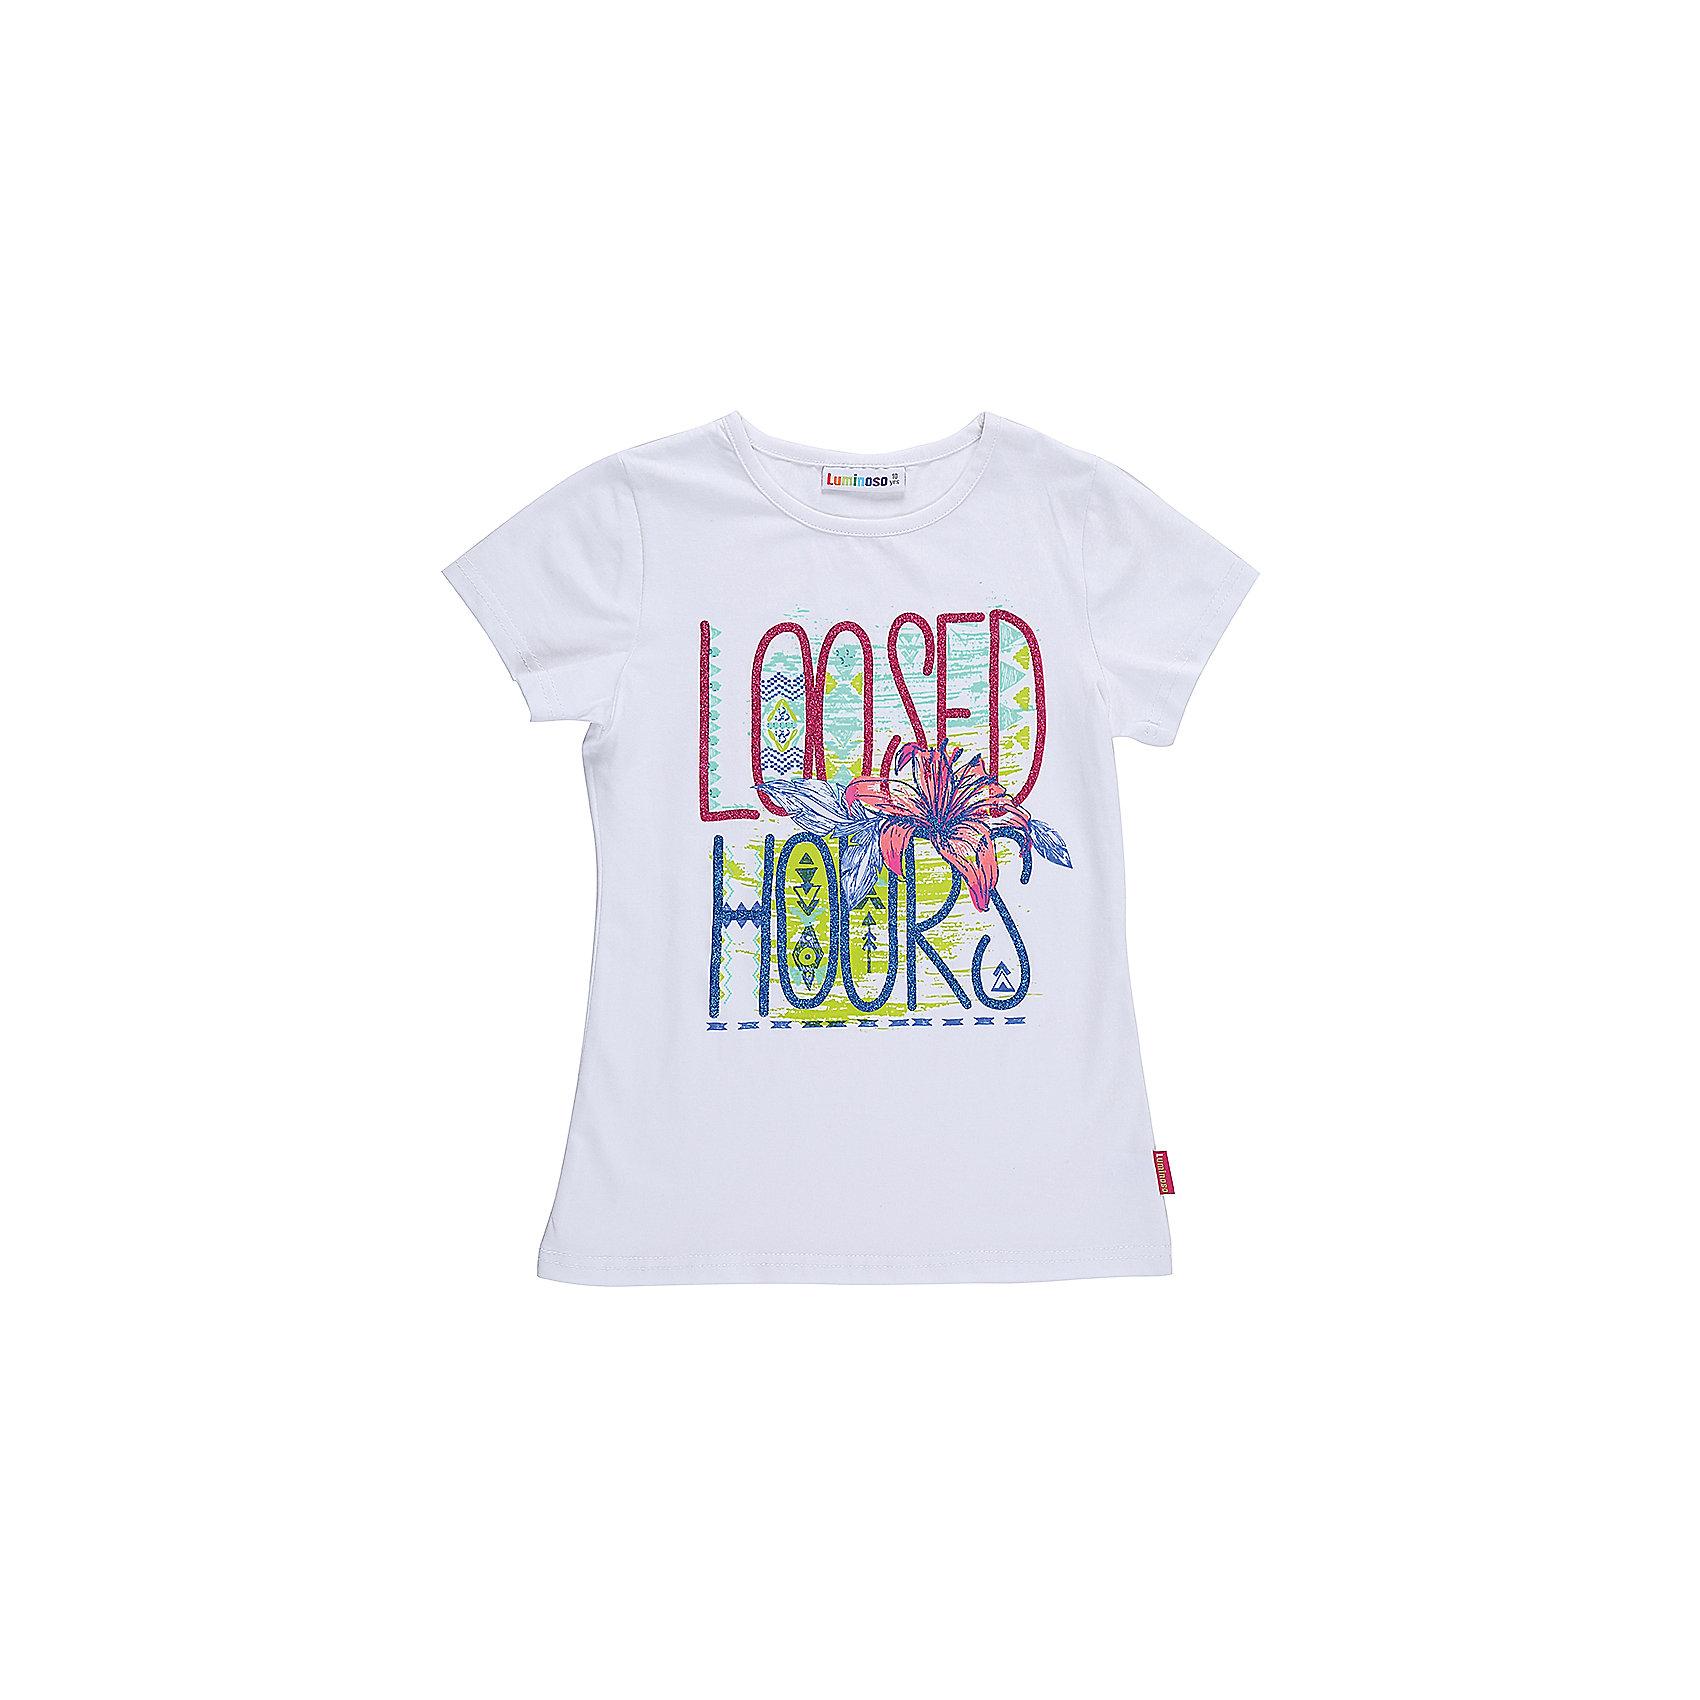 Футболка для девочки LuminosoФутболки, поло и топы<br>Стильная футболка из трикотажной ткани для девочки с коротким рукавом. Декорирована ярким принтом. Приталенный крой.<br>Состав:<br>95%хлопок 5%эластан<br><br>Ширина мм: 199<br>Глубина мм: 10<br>Высота мм: 161<br>Вес г: 151<br>Цвет: белый<br>Возраст от месяцев: 96<br>Возраст до месяцев: 108<br>Пол: Женский<br>Возраст: Детский<br>Размер: 134,146,140,164,152,158<br>SKU: 5413689